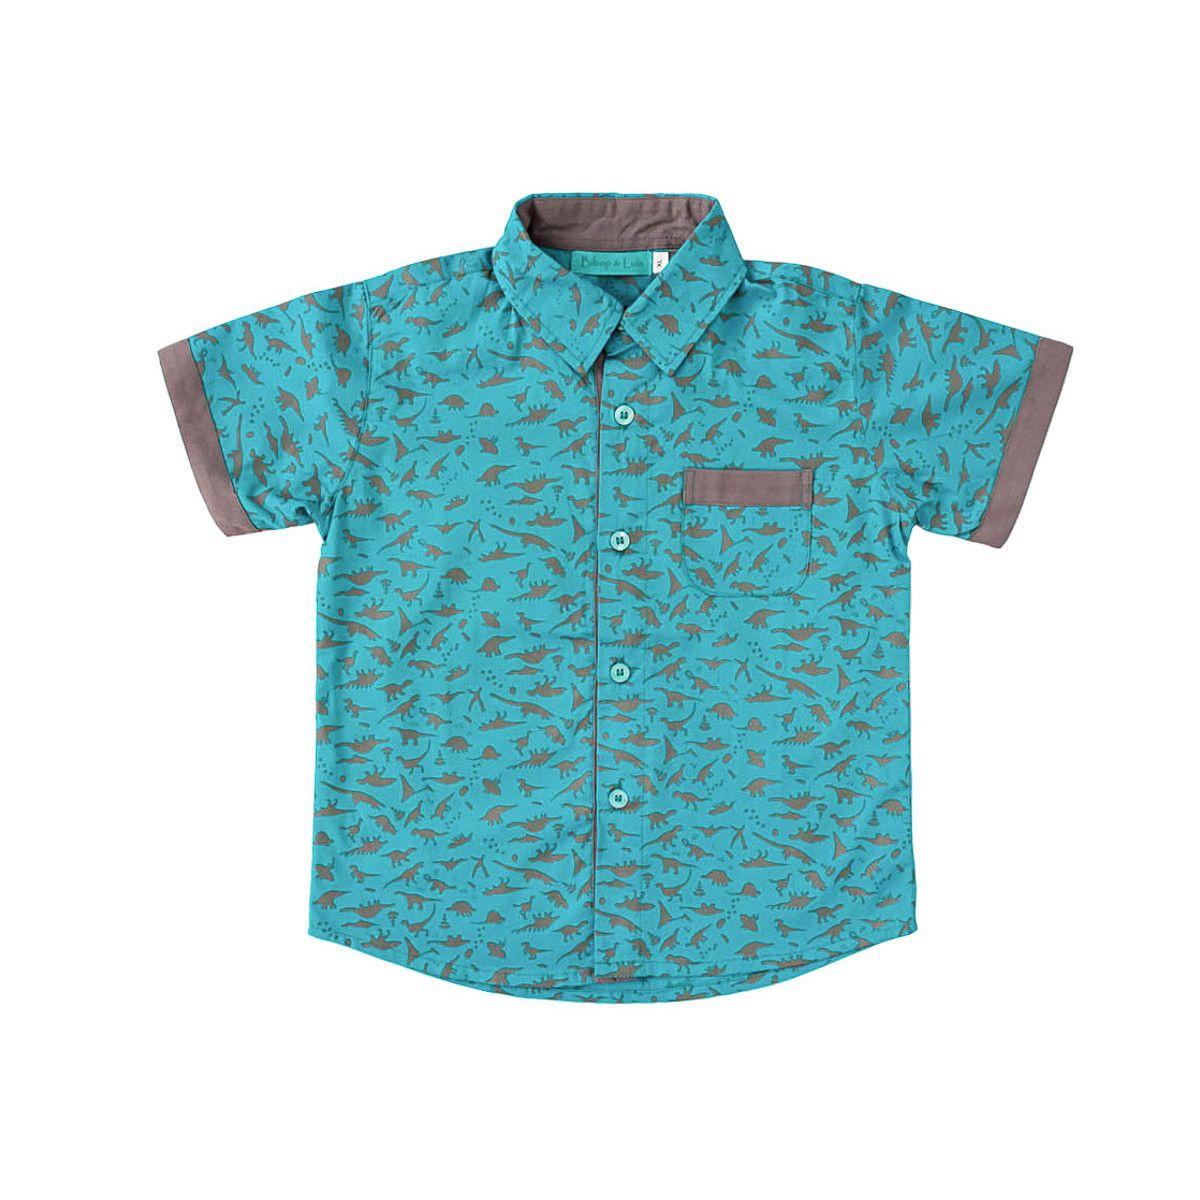 Chemise coton manches courtes garçon 2-10 ans gris et bleu turquoise dinosaure